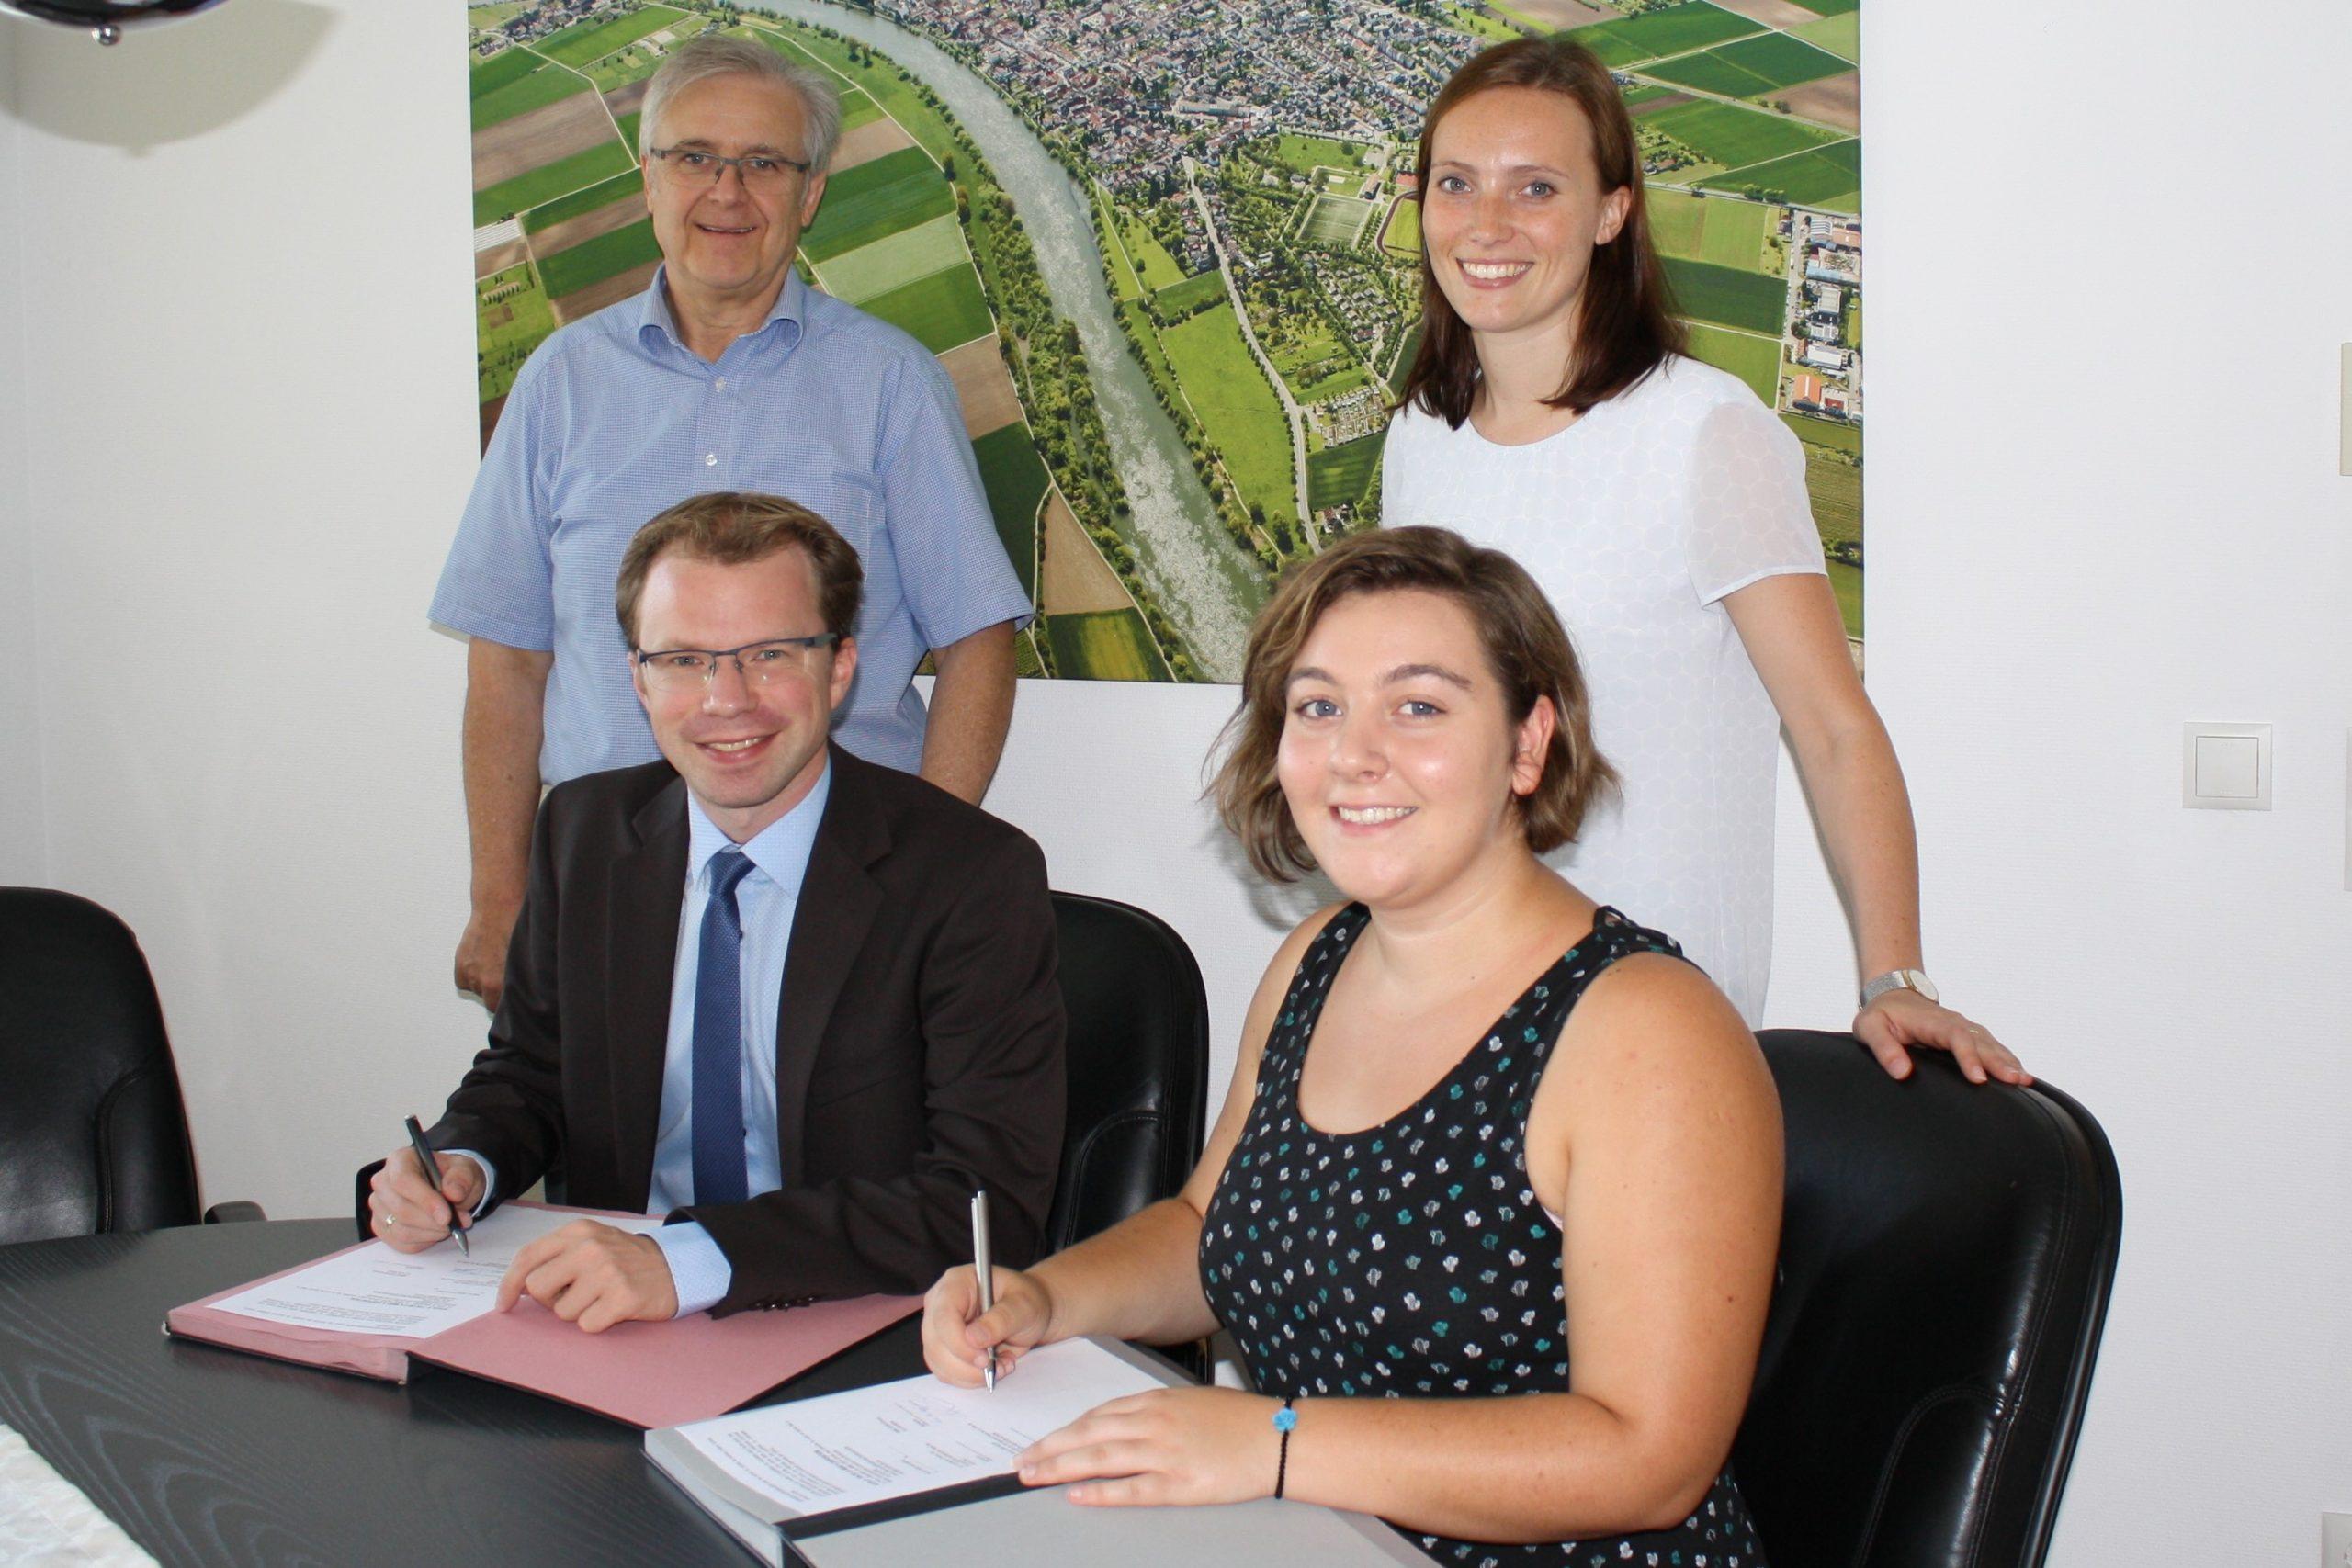 Unterzeichnung des Vertrags mit Emma und Herrn Michle